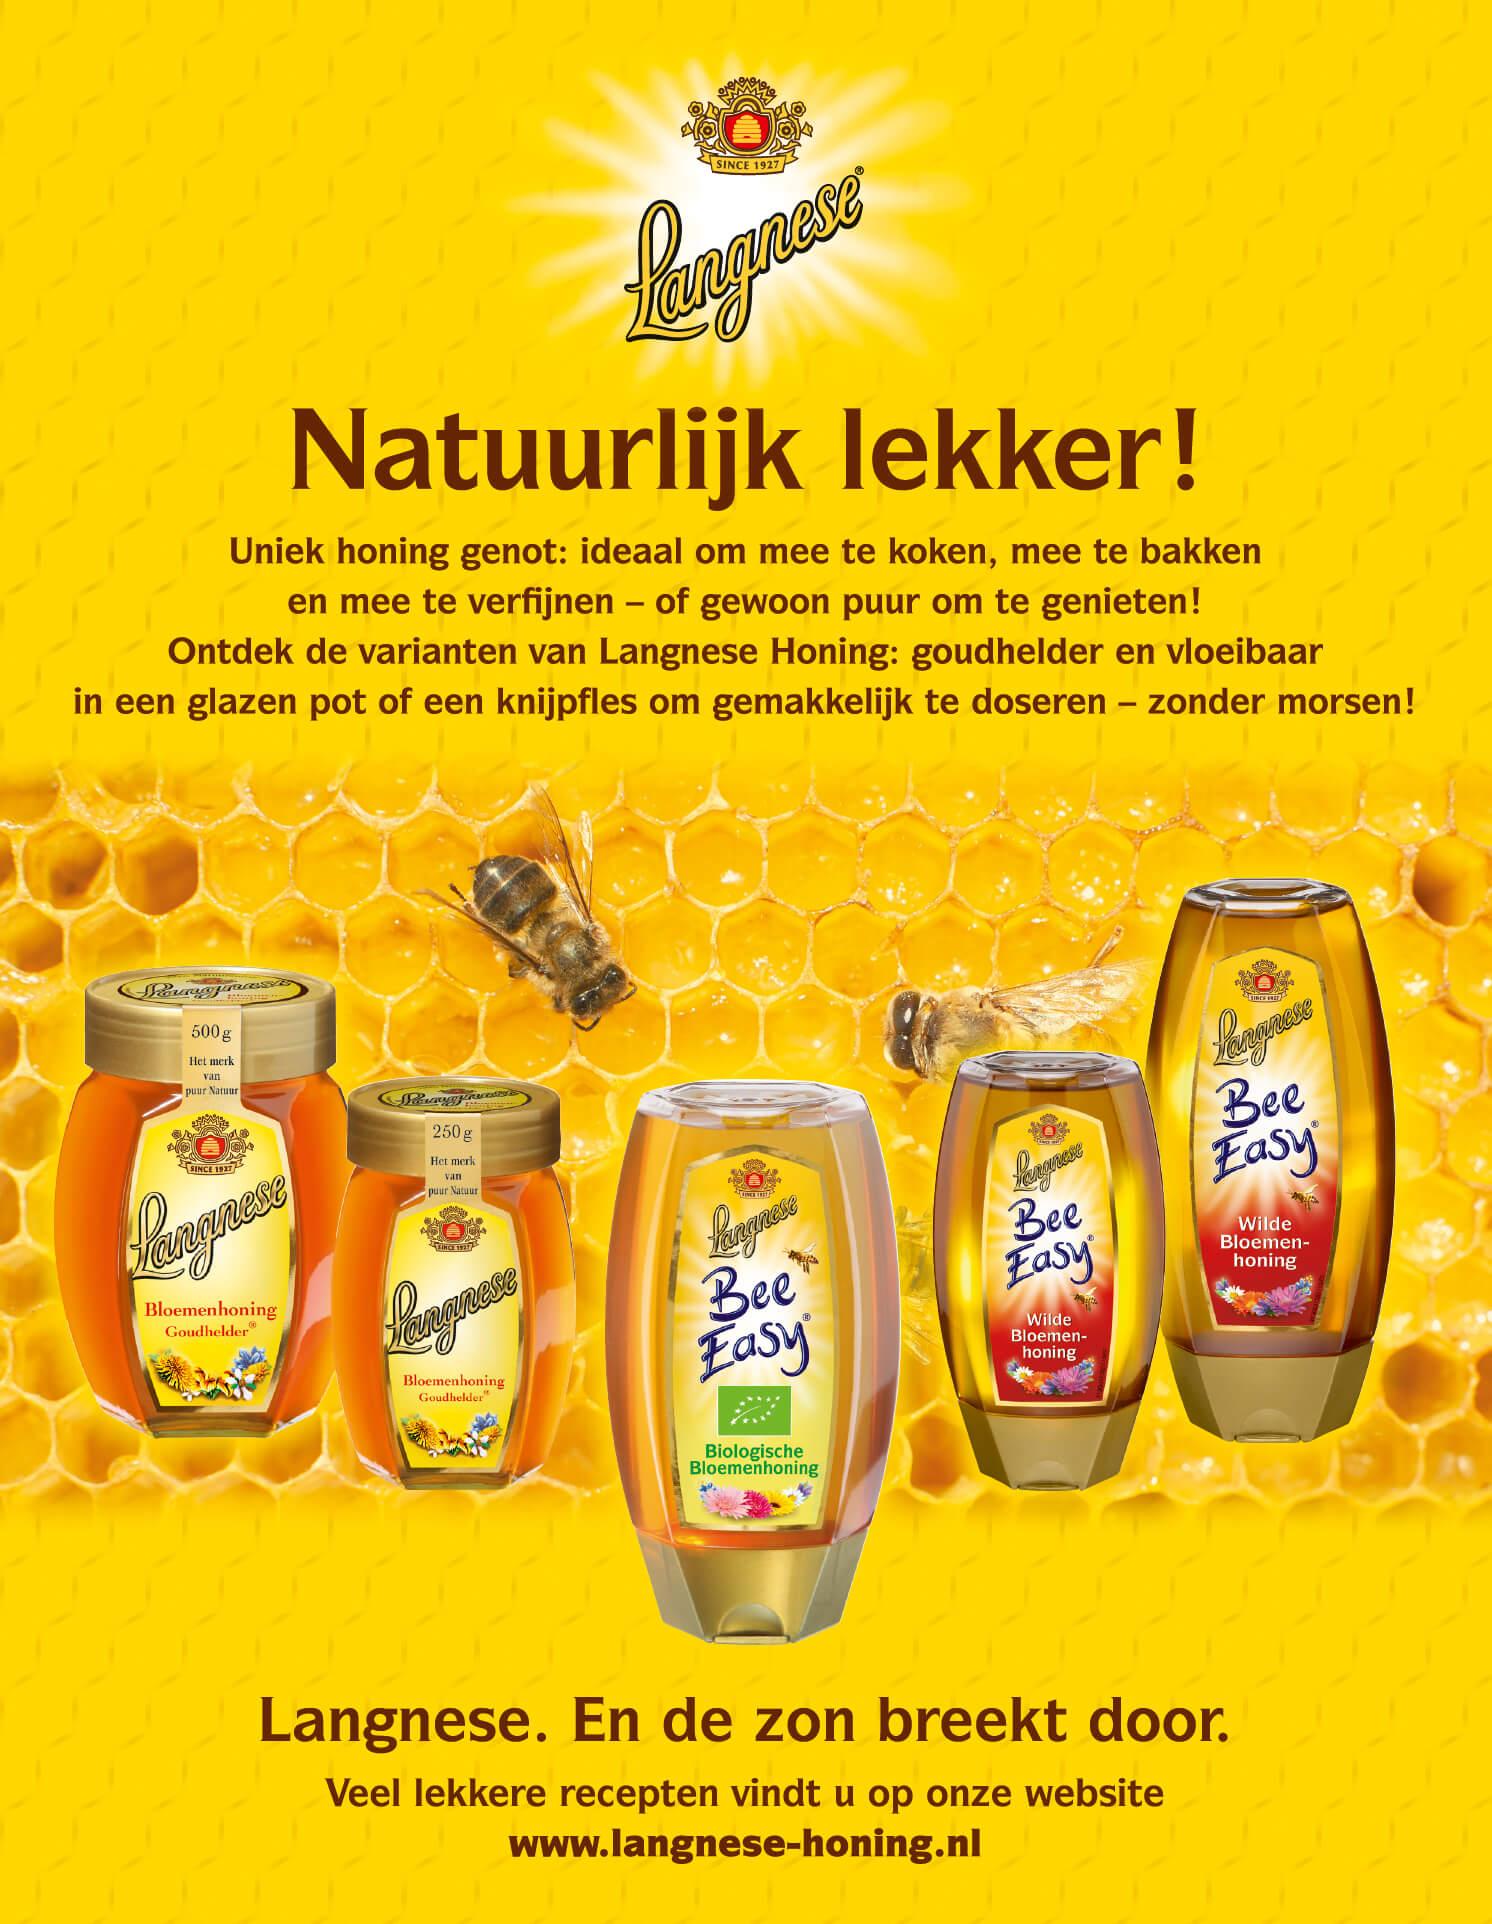 Langnese Honig, niederländische Anzeige